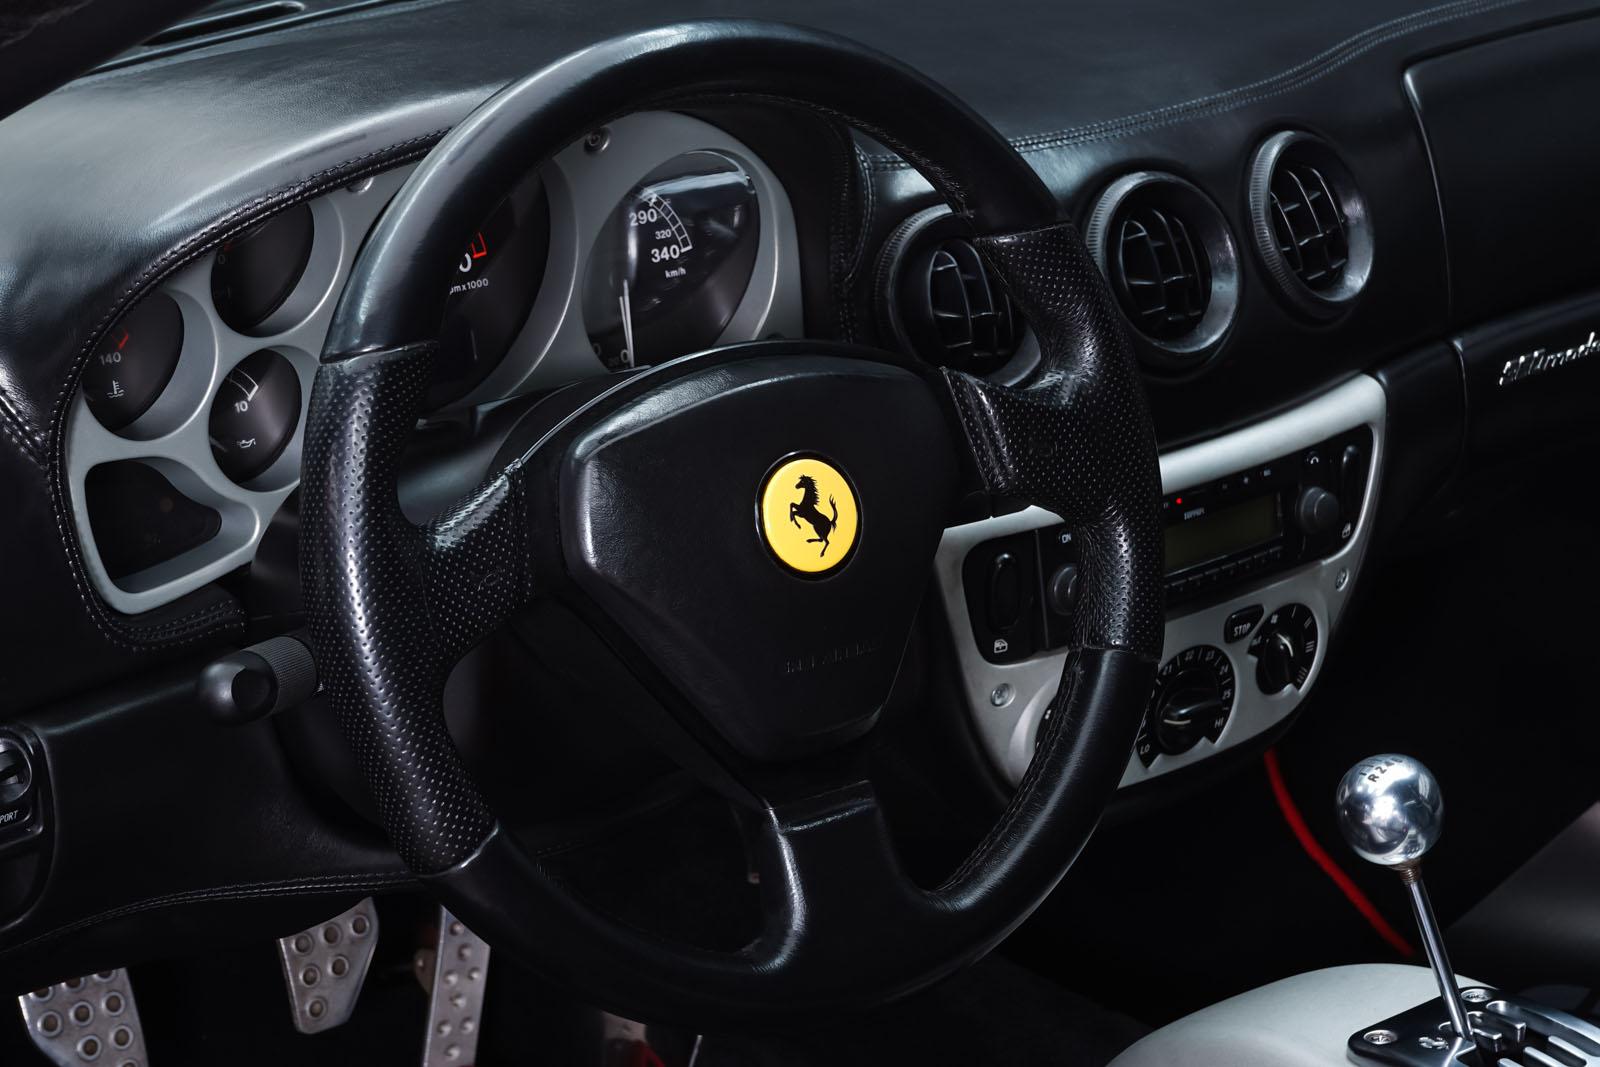 Ferrari_360_Modena_Rot_Schwarz_FER-4576_6_w